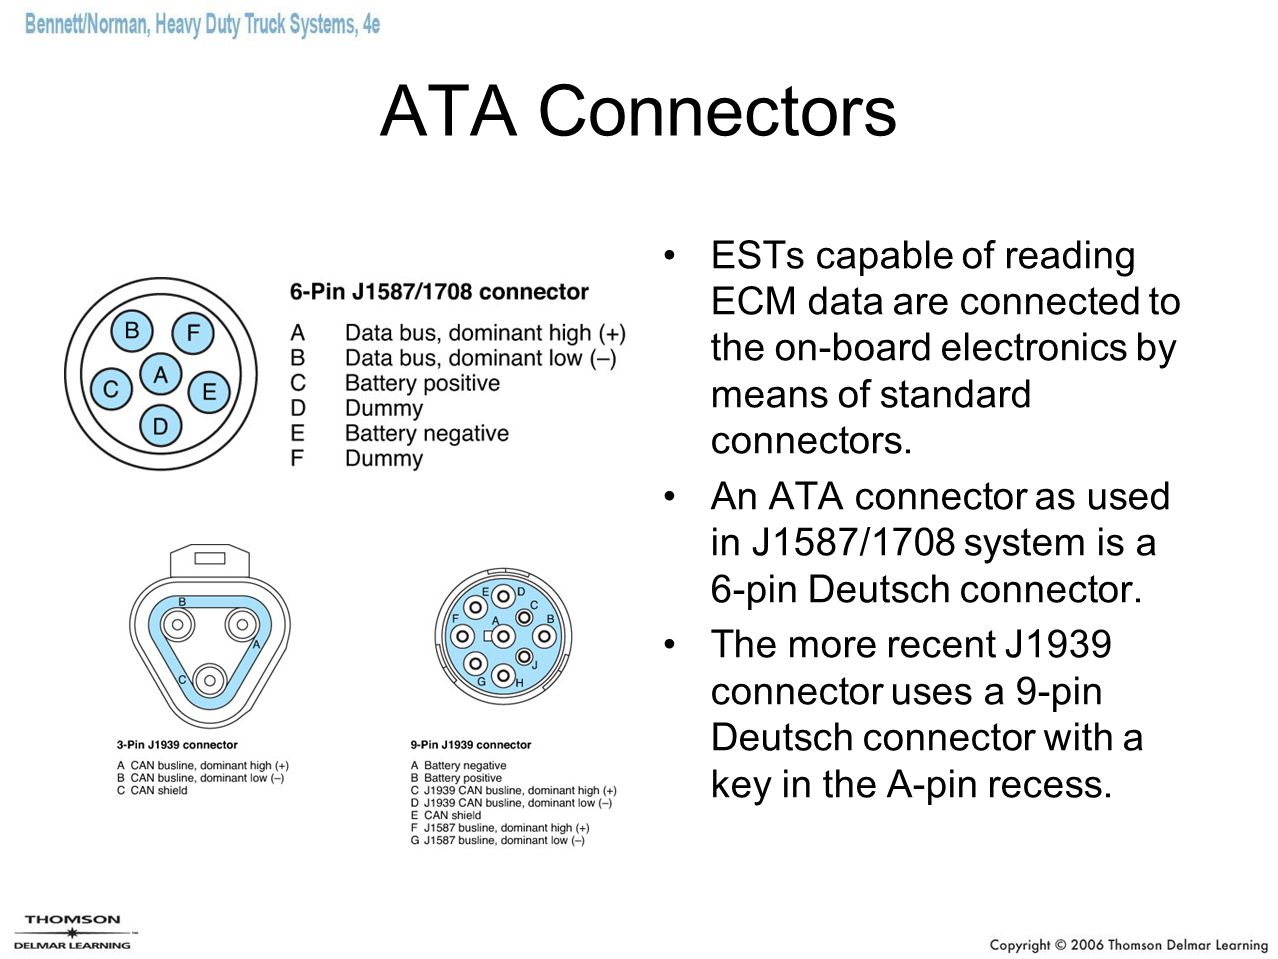 SAE/ATA J1587/J1708/J1939 Protocols SAE J1587 covers common software protocols.